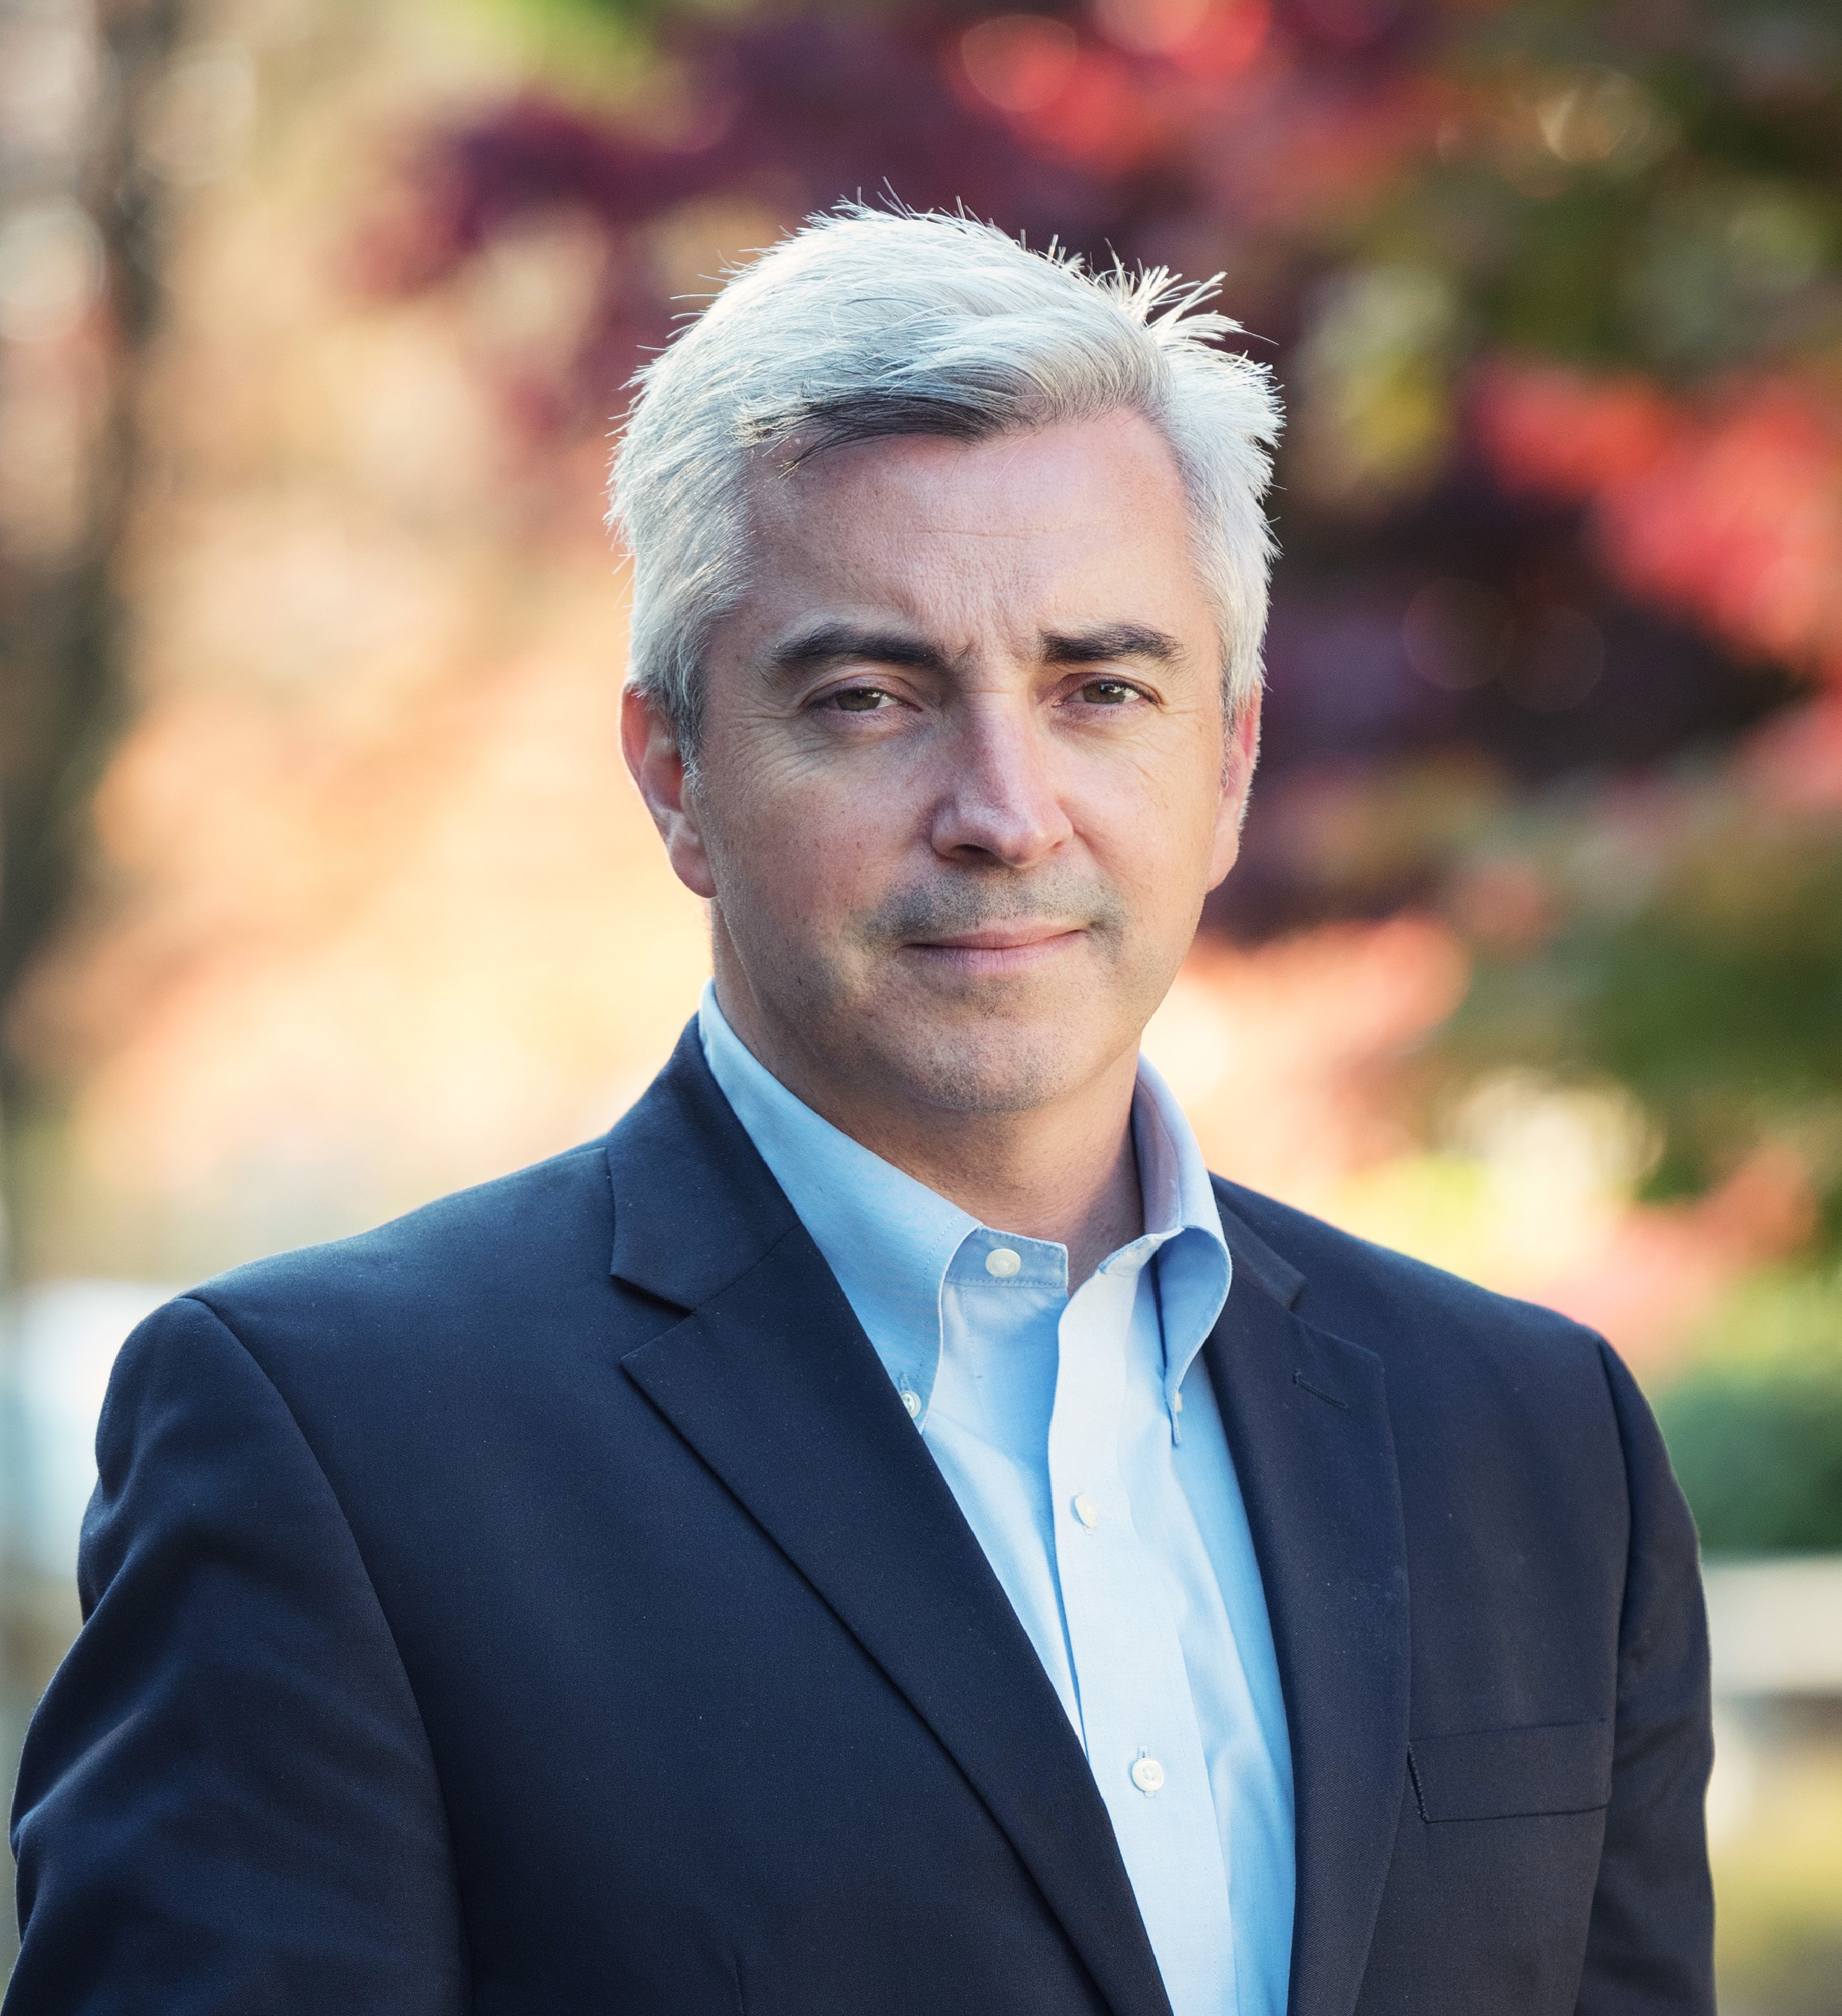 Dr Peter Meehan